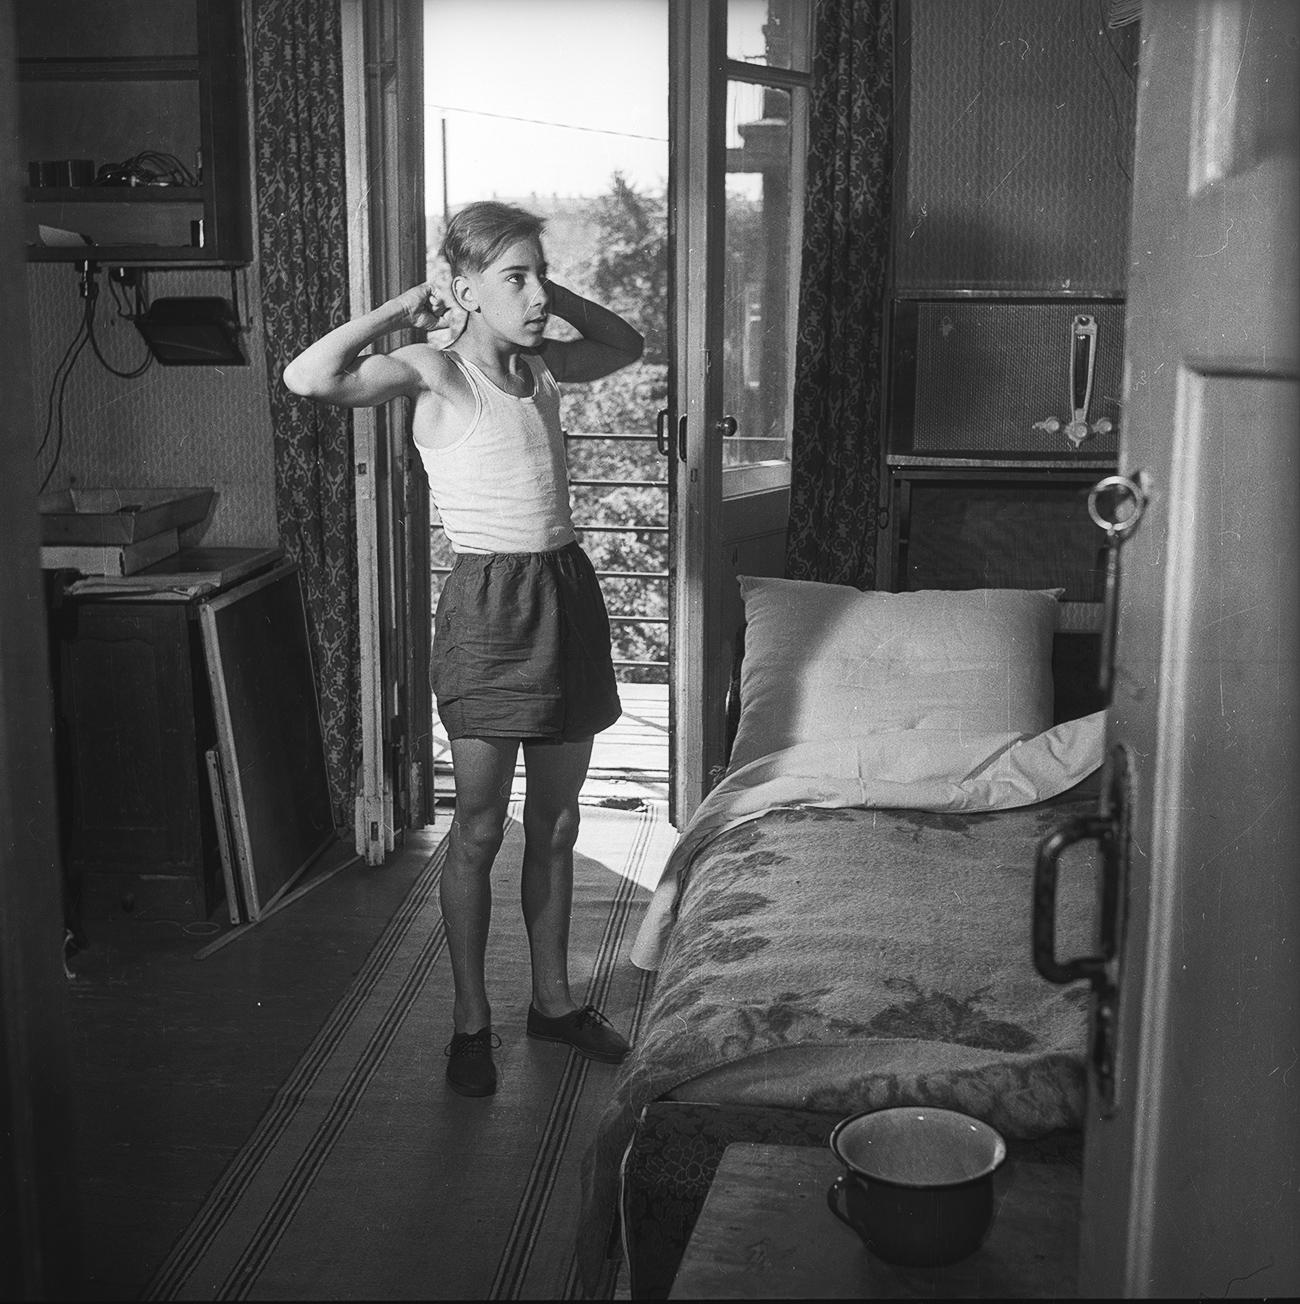 Le voisin Vovka. Un matin à Moscou, 1956. Crédit: Musée d'art multimédia de Moscou